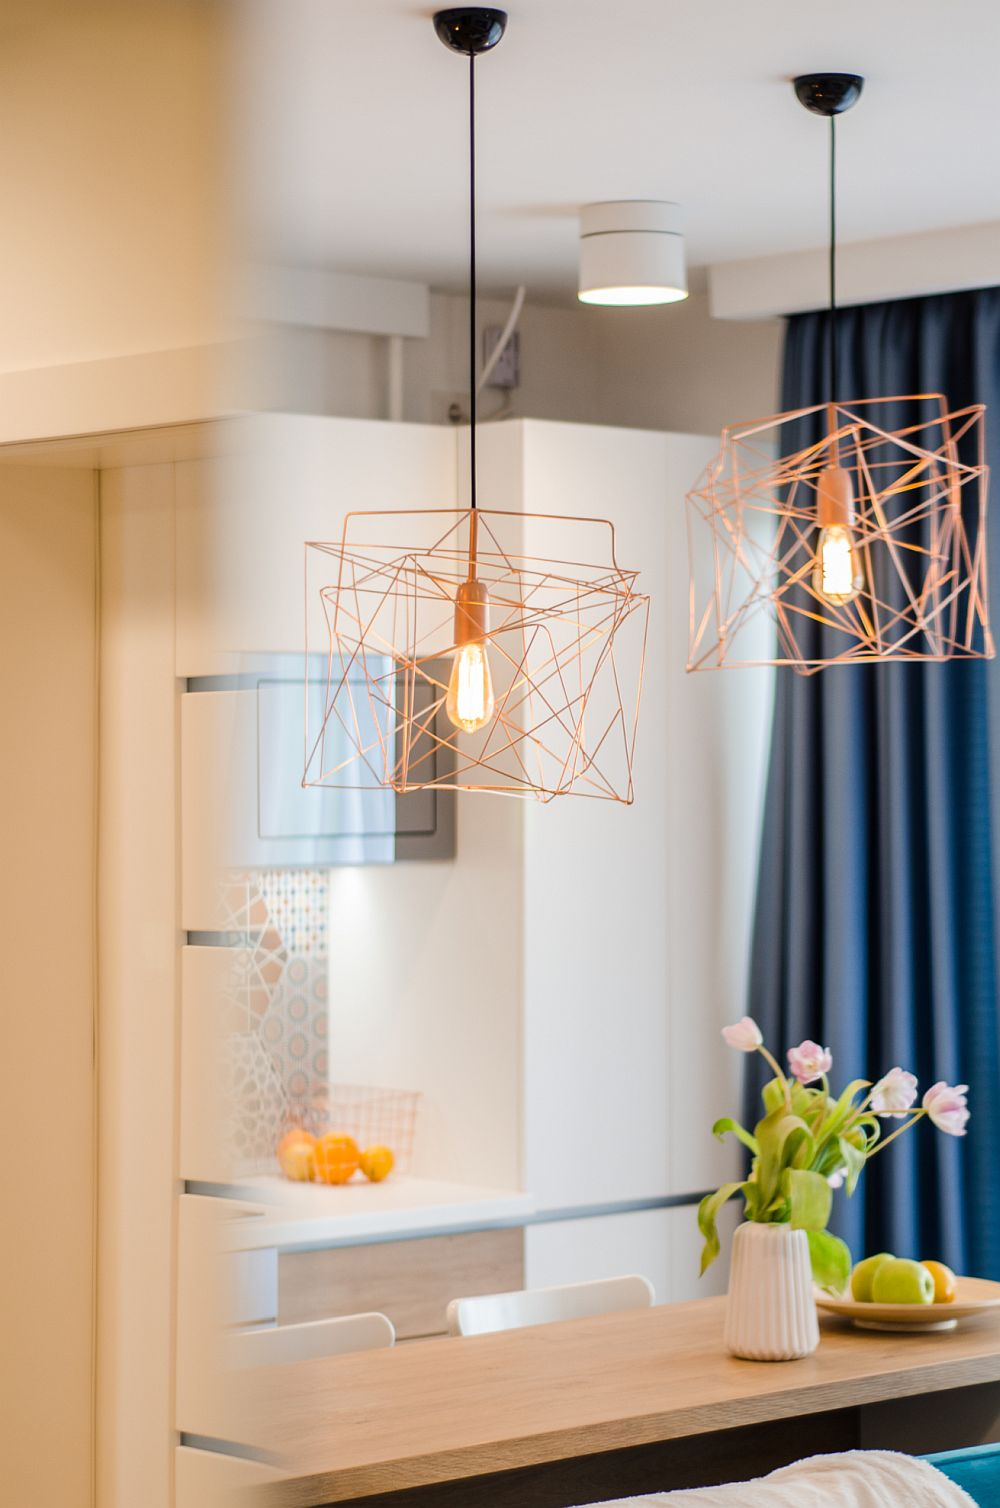 adelaparvu.com despre amenajare apartament 3 camere, 64 mp, Oradea, design interior Davisign, Foto Andreea Iancu (11)